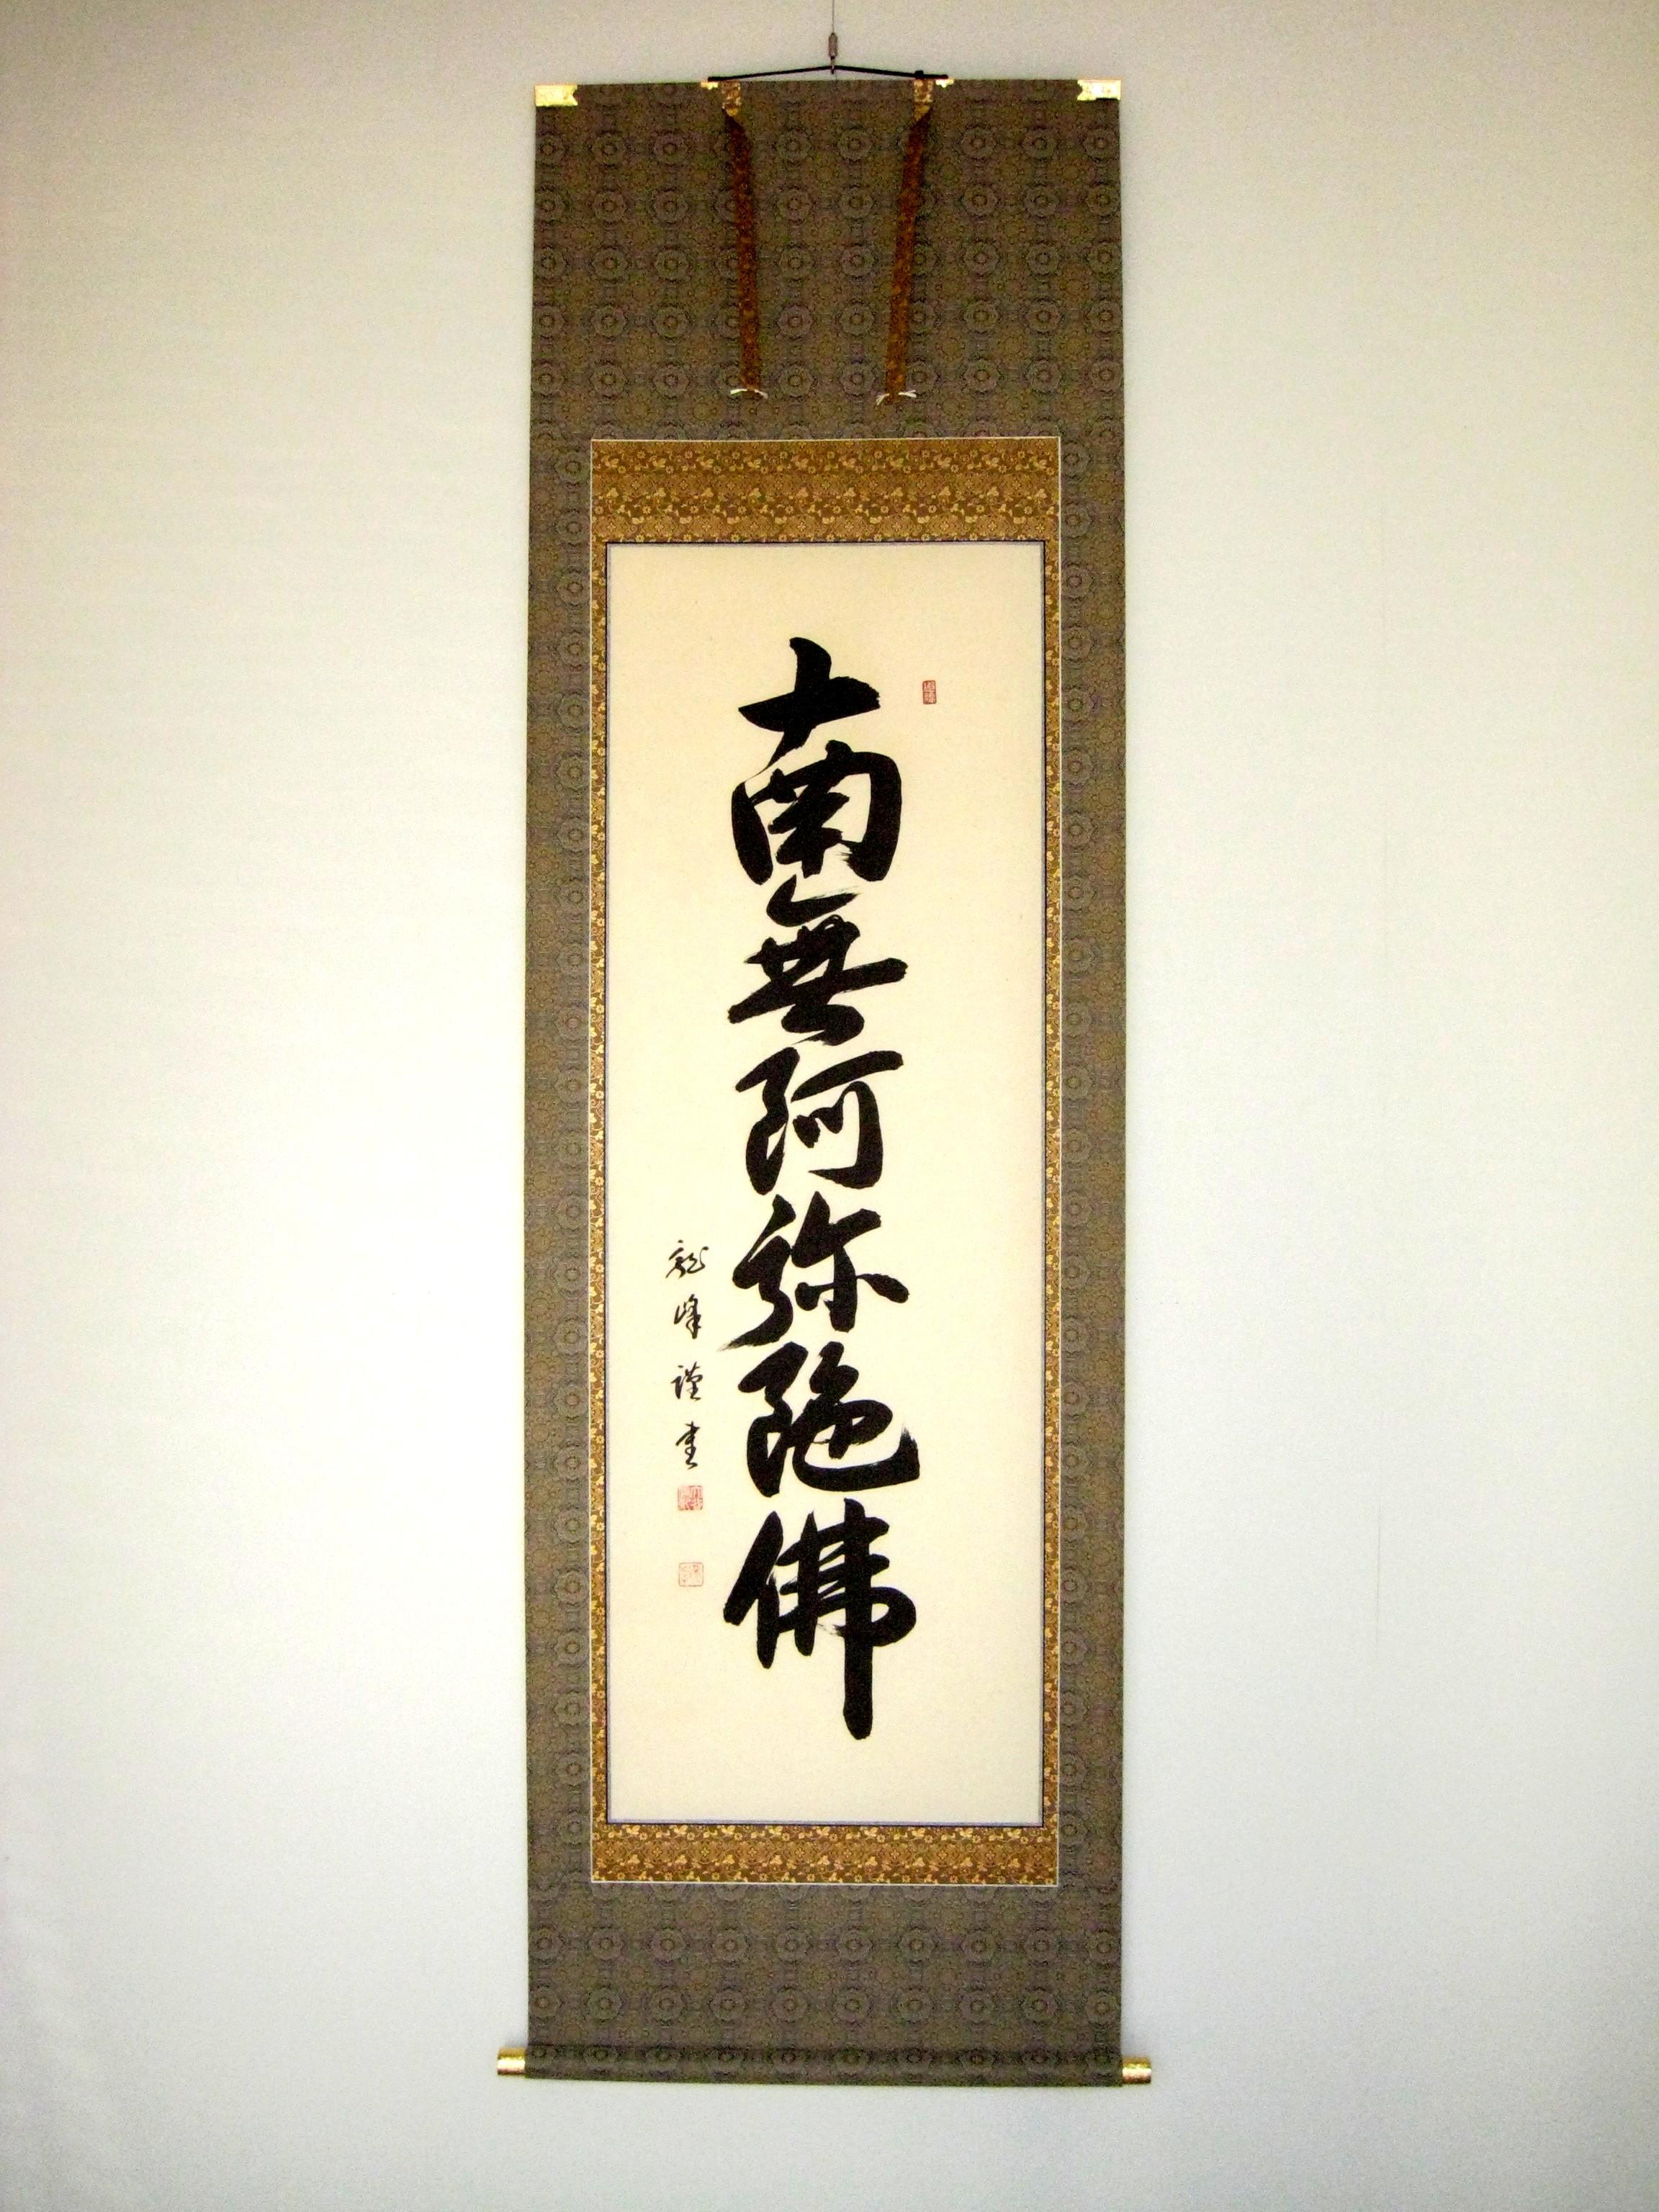 掛け軸 六字名号 大谷龍峰 尺五立